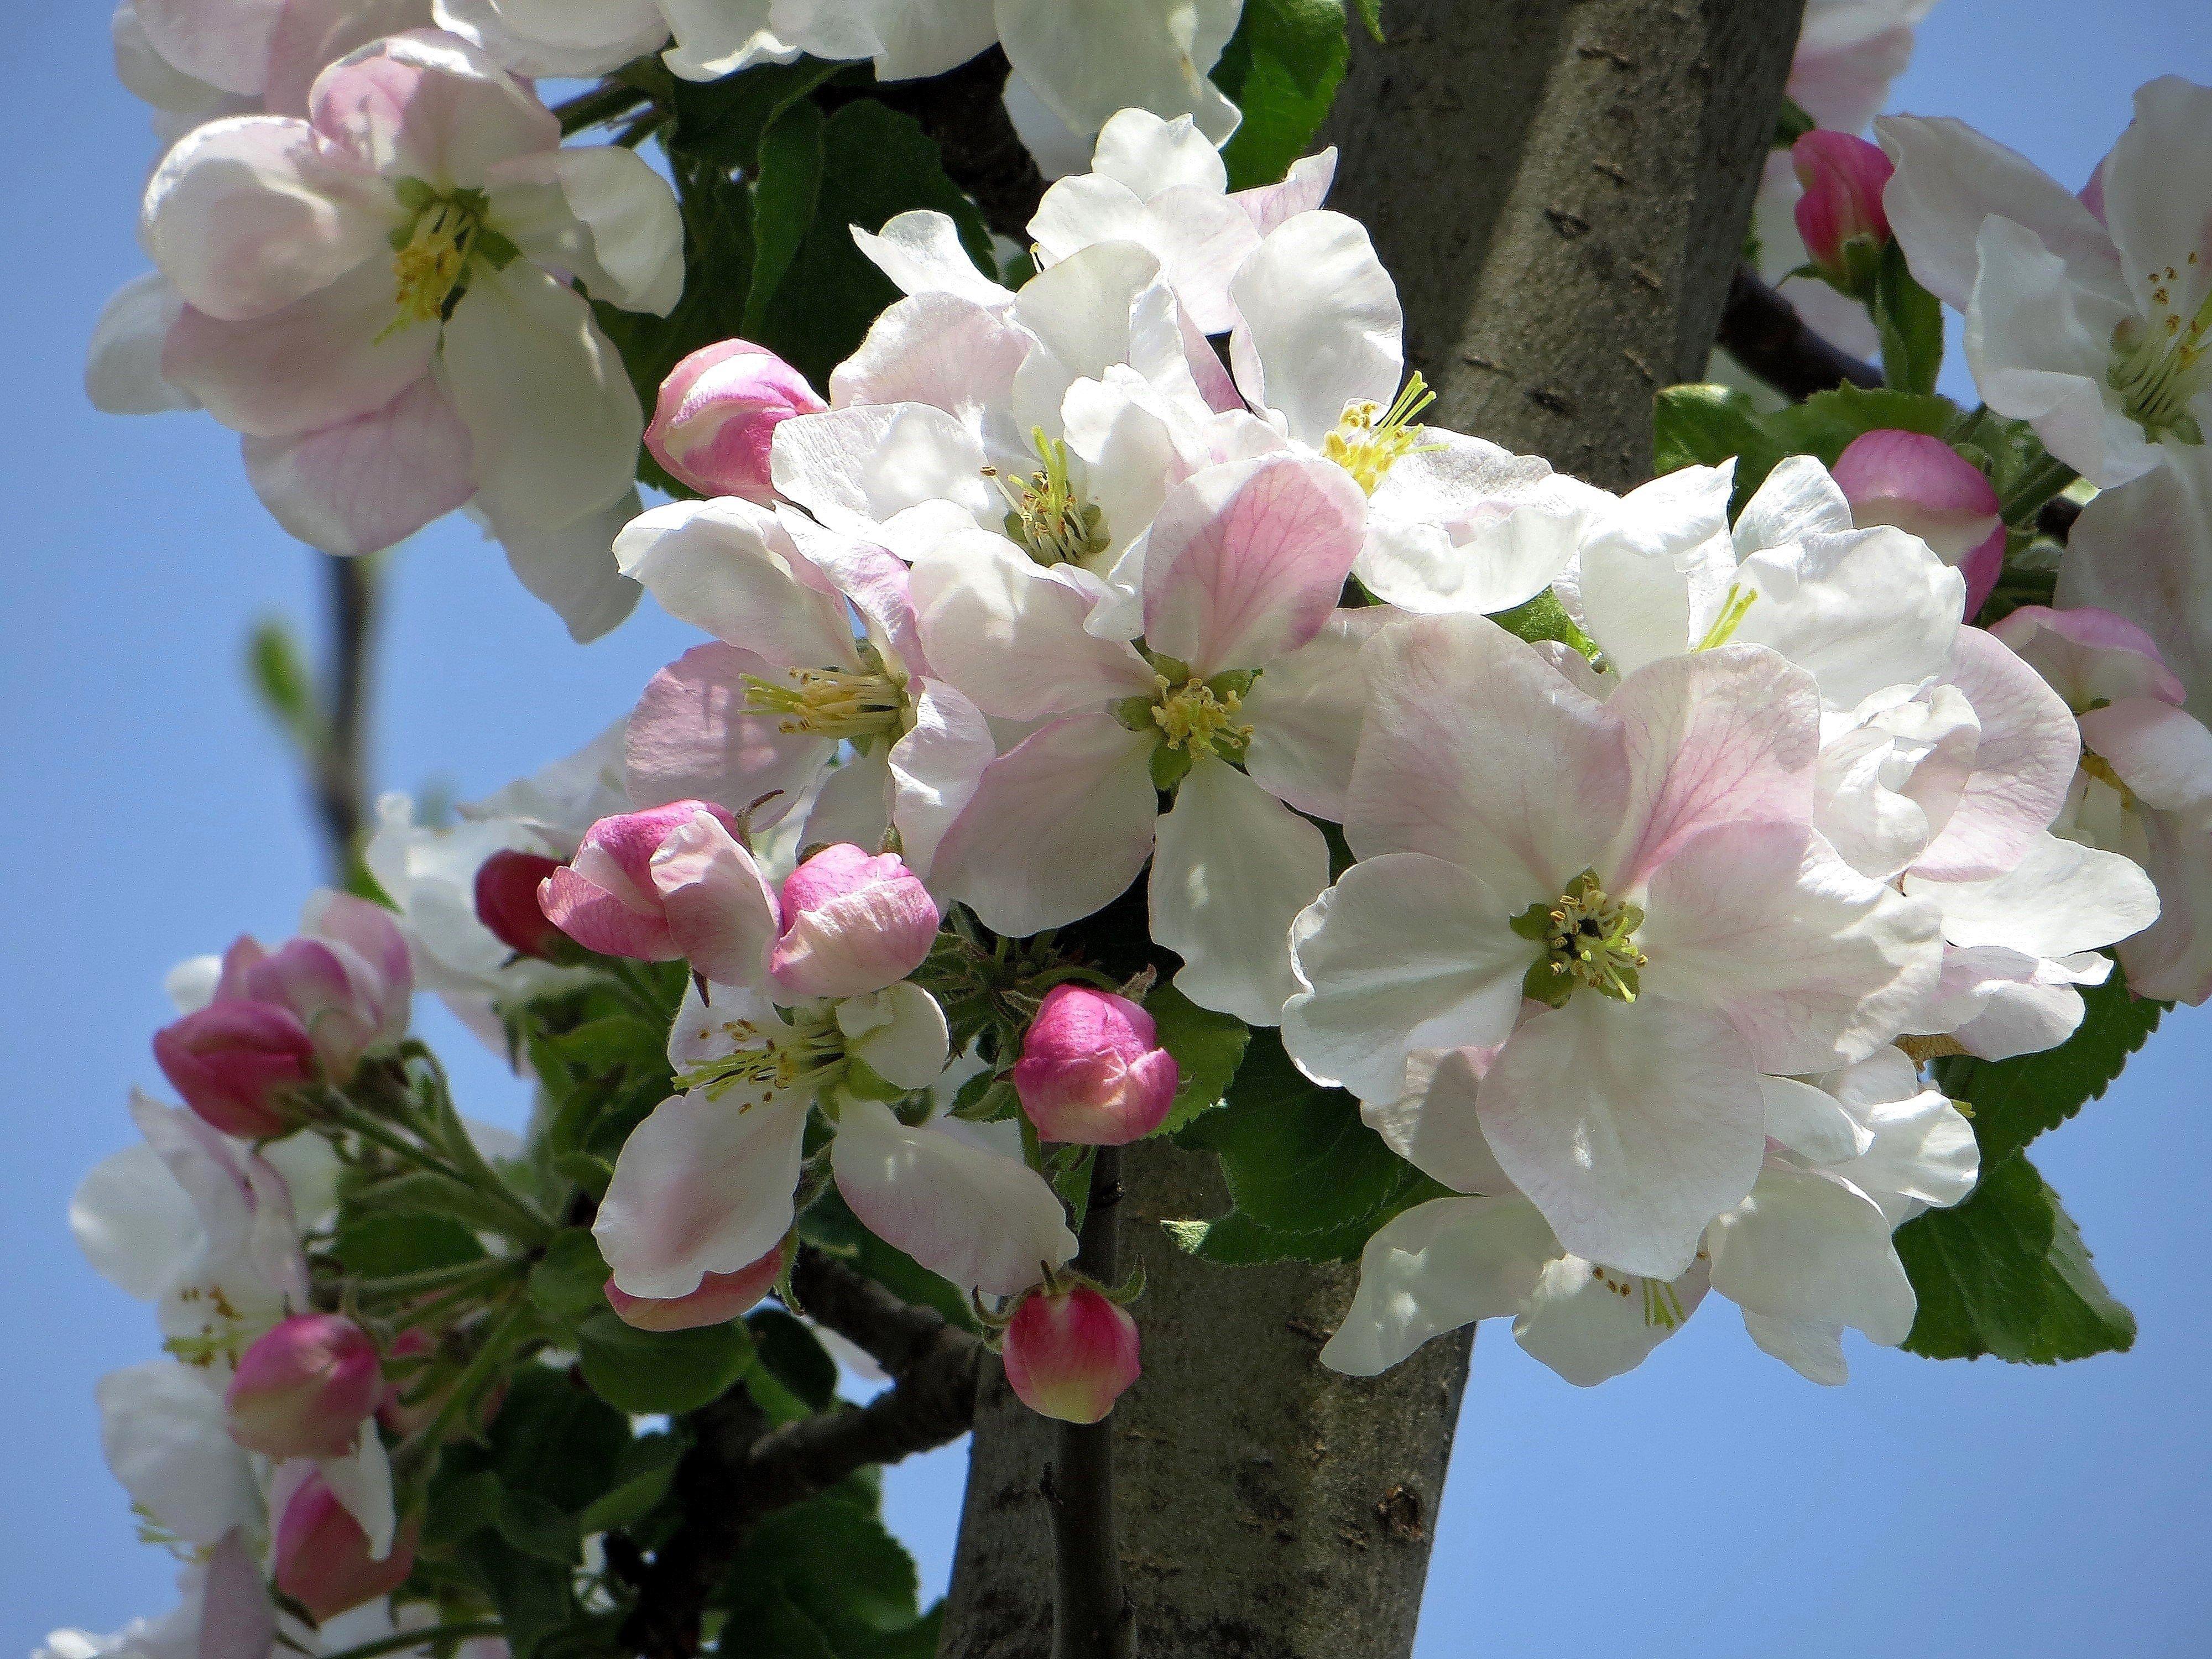 как цветет яблоня фото в хорошем качестве станция савелово